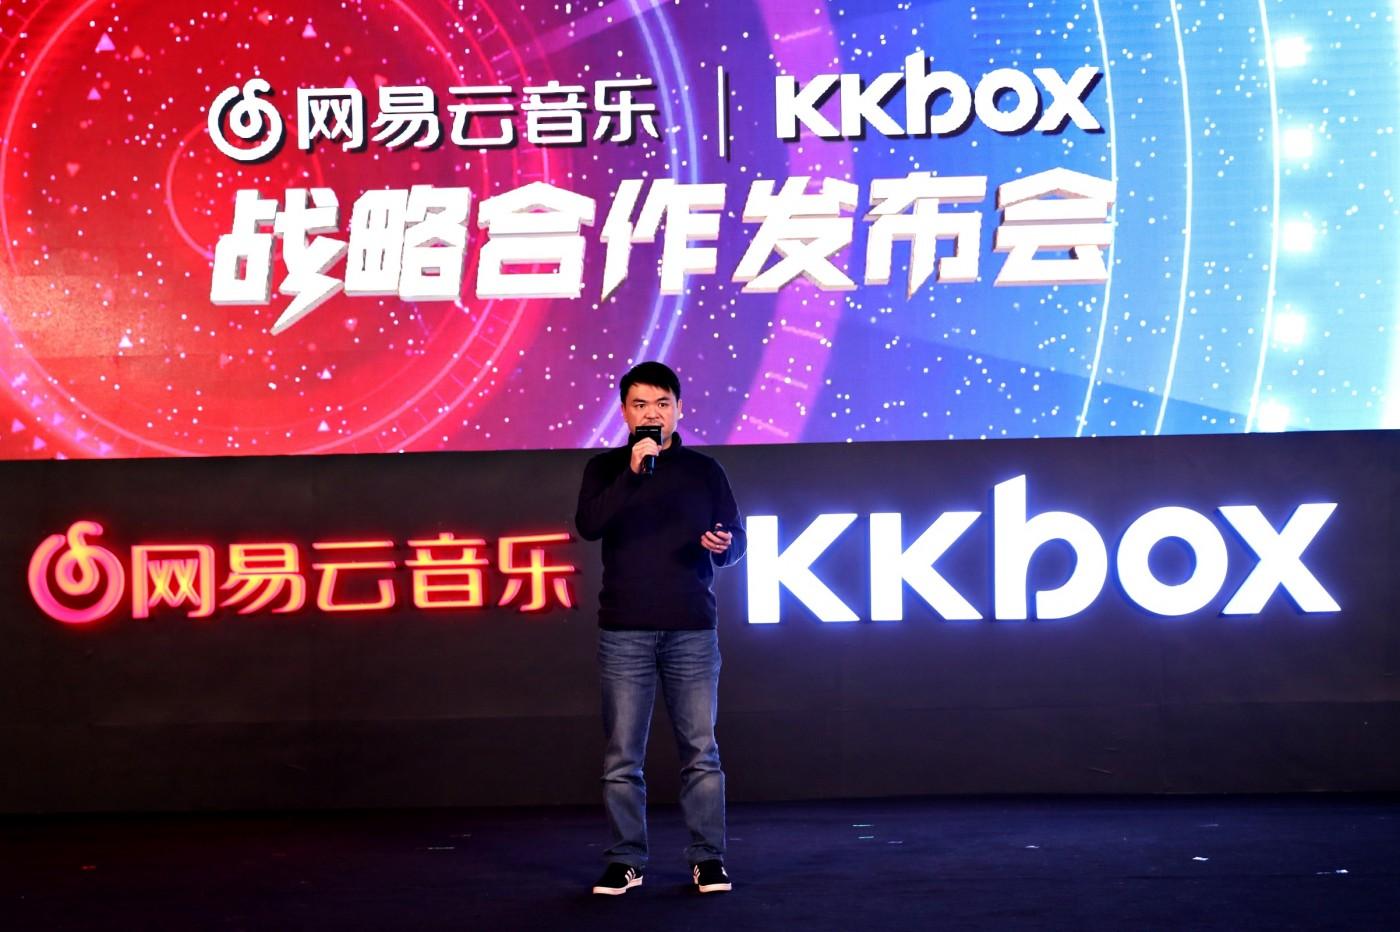 前進中國第一步!KKBOX與網易戰略合作,打造華語音樂宣傳平台